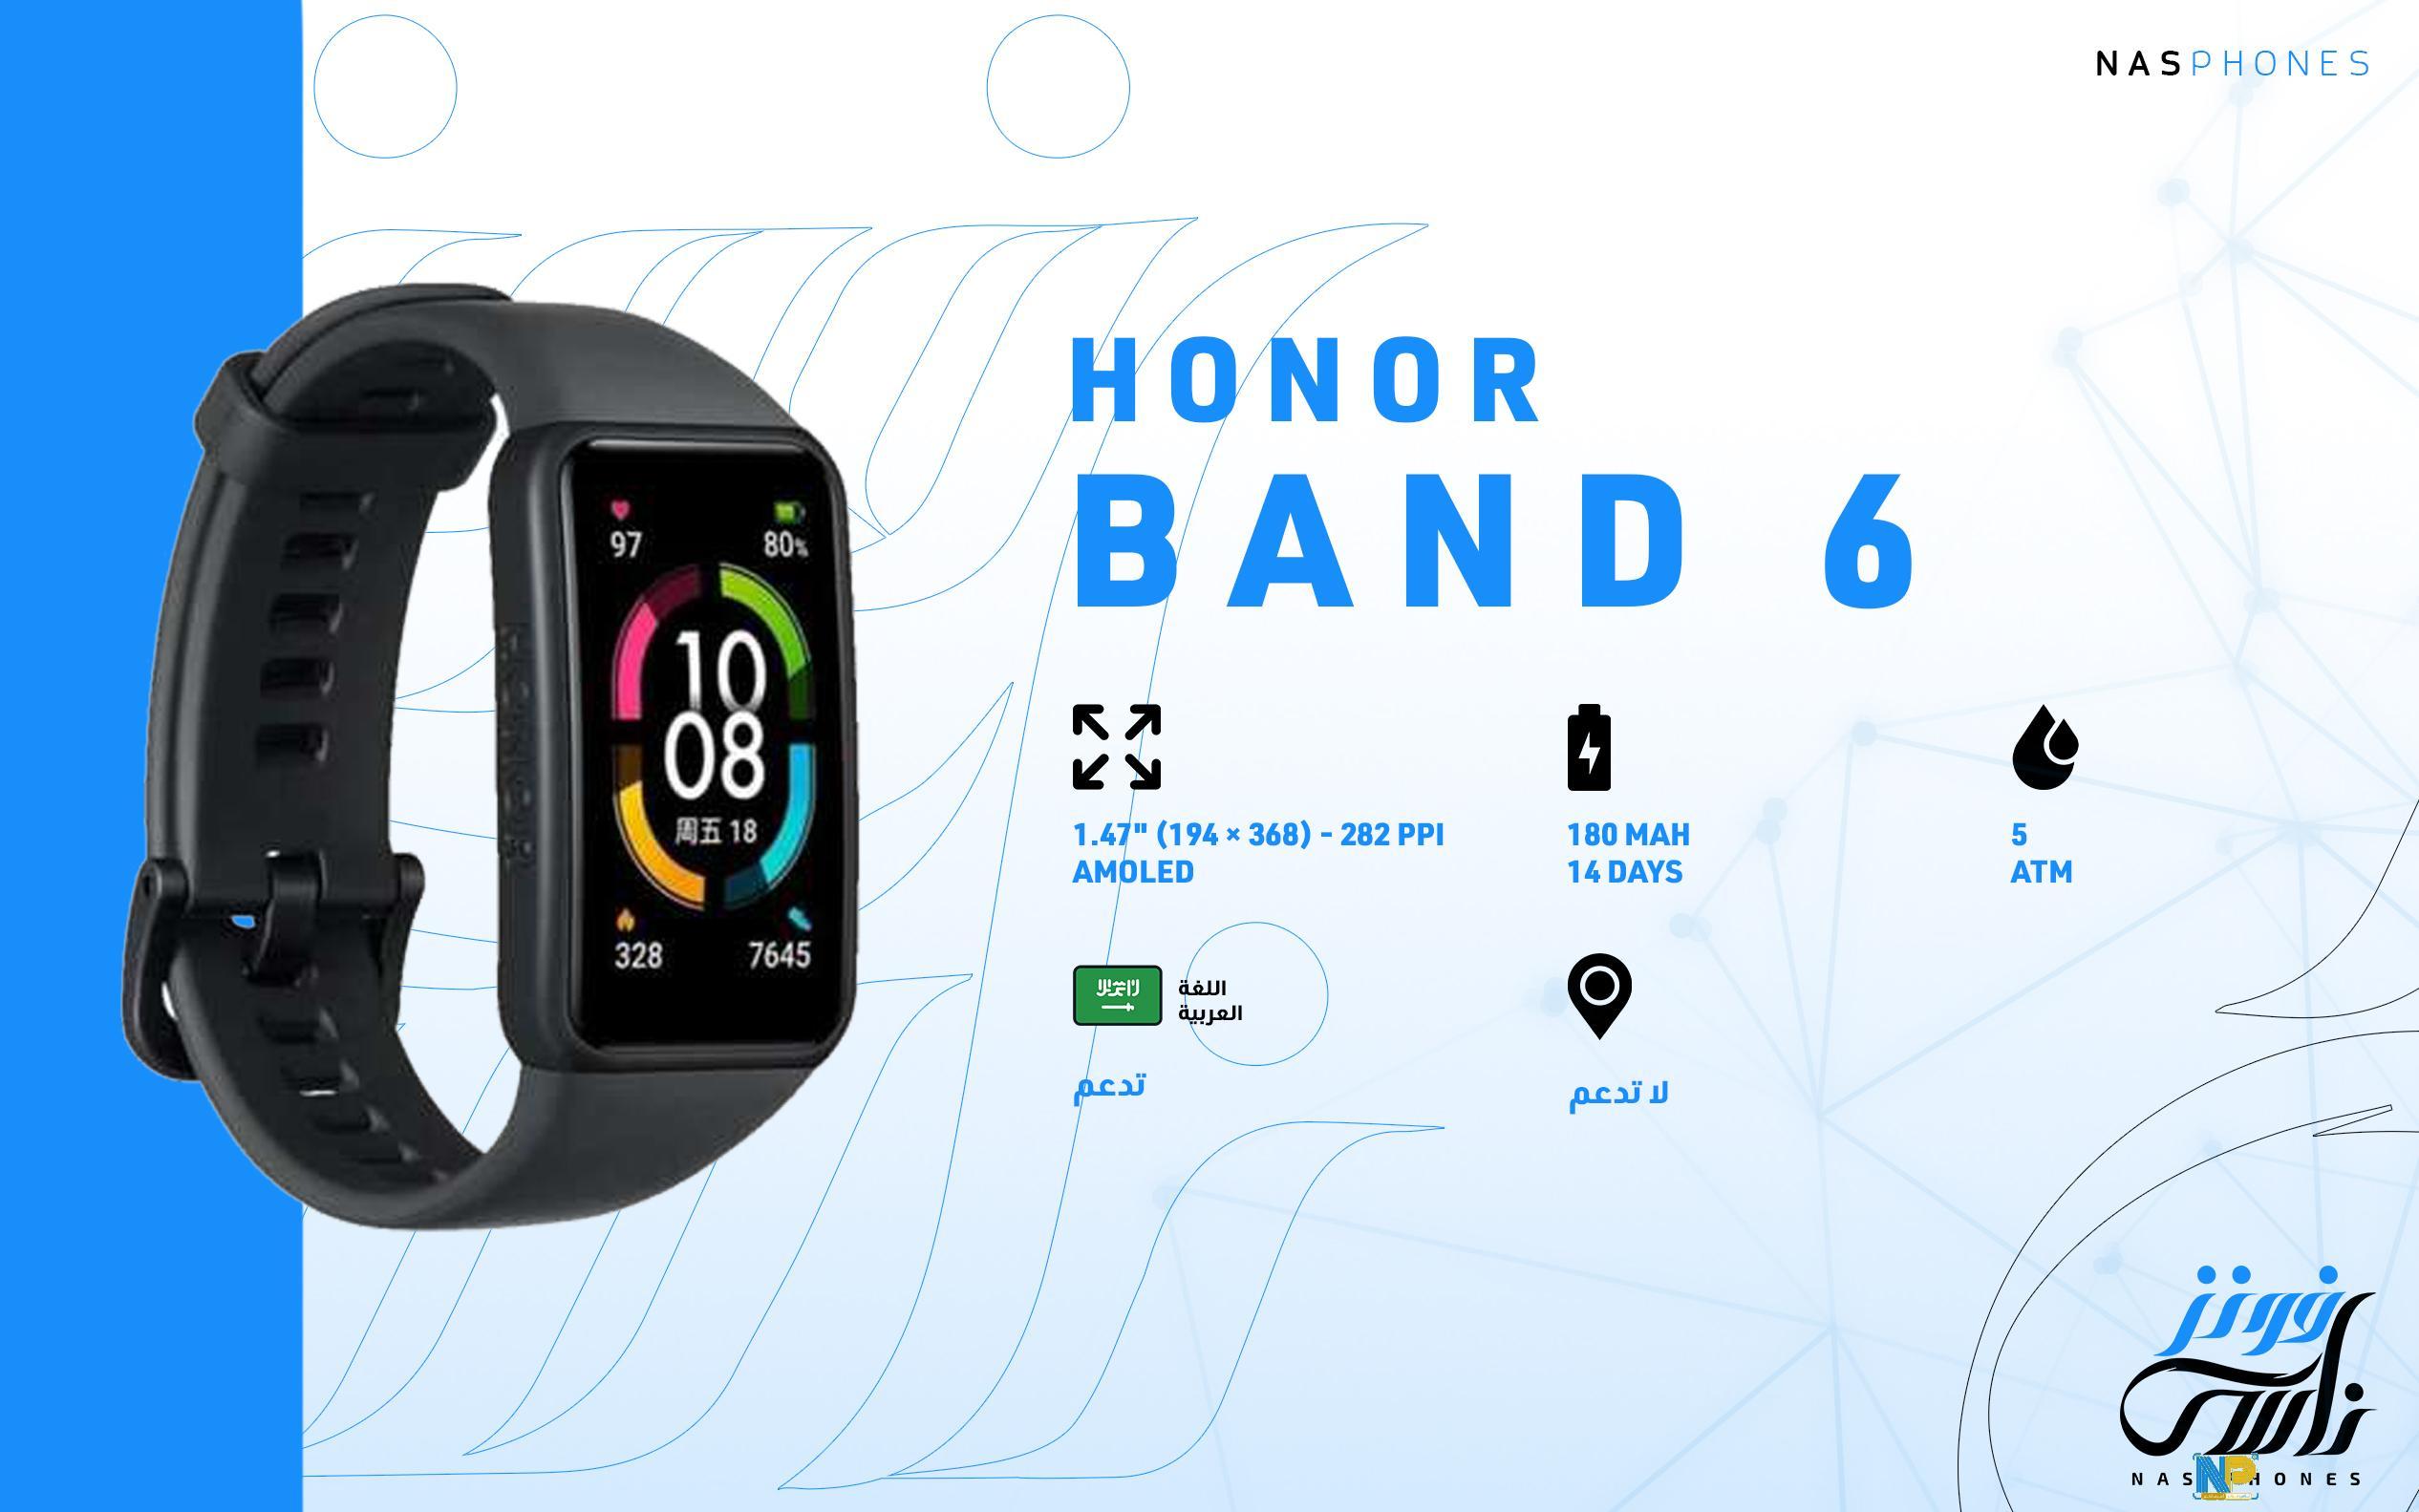 سوار Honor band 6